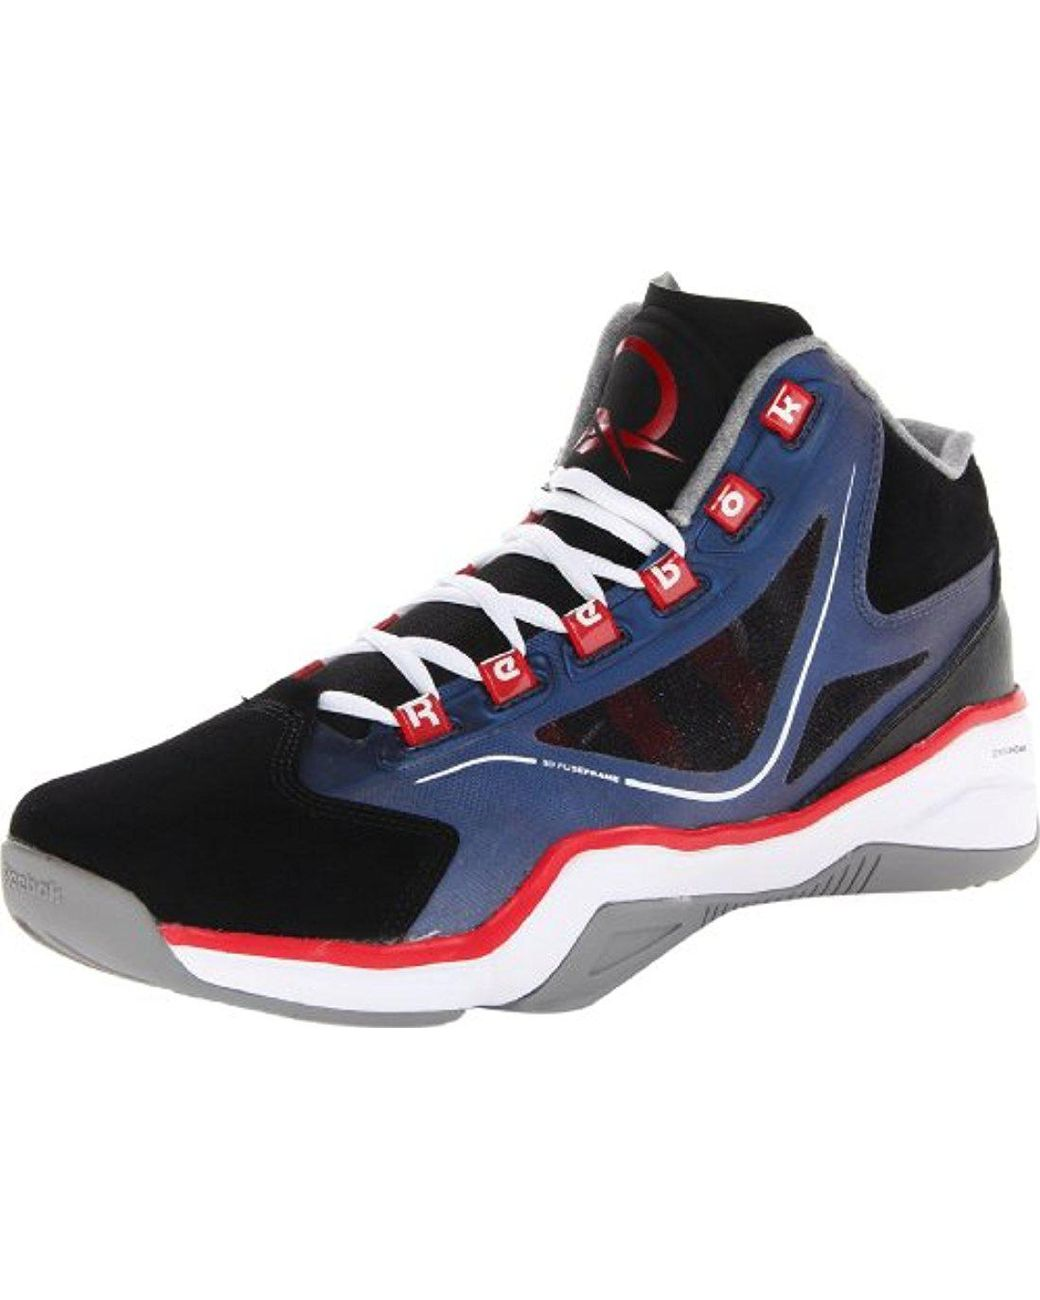 7804e009ed Lyst - Reebok Q96 Crossexamine Basketball Shoe for Men